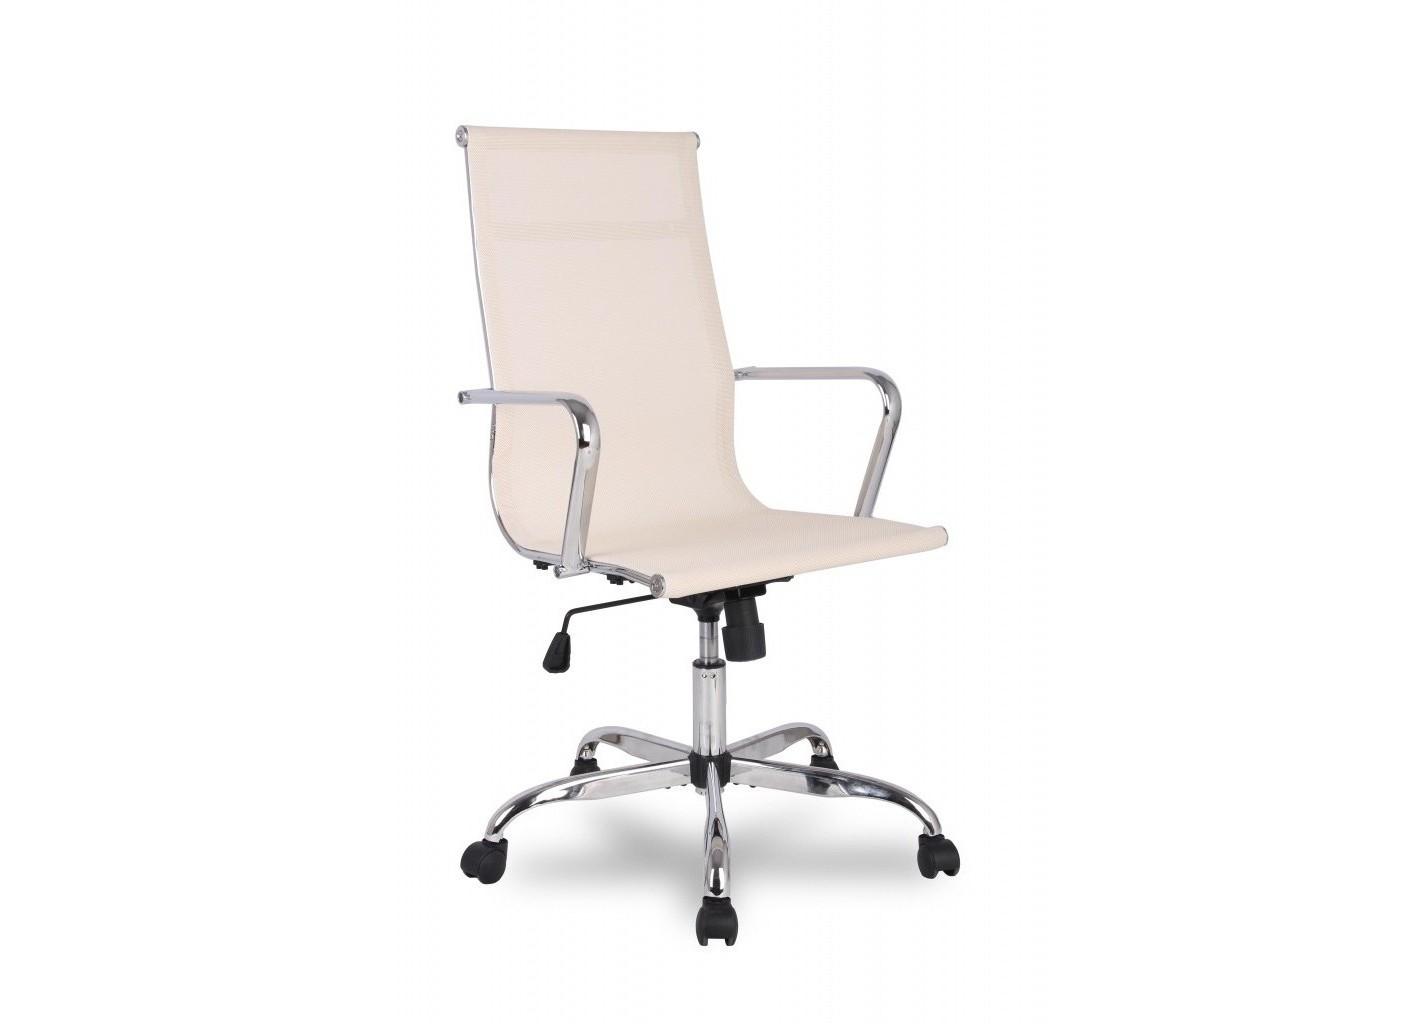 Кресло CollegeРабочие кресла<br>Кресло руководителя бизнес-класса <br><br>Конструкция: <br>Механизм качания с регулировкой под вес и фиксацией в вертикальном положении <br>Регулировка высоты (газлифт)  <br>Каркас металлический хромированный <br>Подлокотники  хромированные  без накладок <br>Материал обивки: Полимерная сетка<br>Ограничение по весу: 120 кг<br><br>Material: Текстиль<br>Ширина см: 56<br>Высота см: 115<br>Глубина см: 63